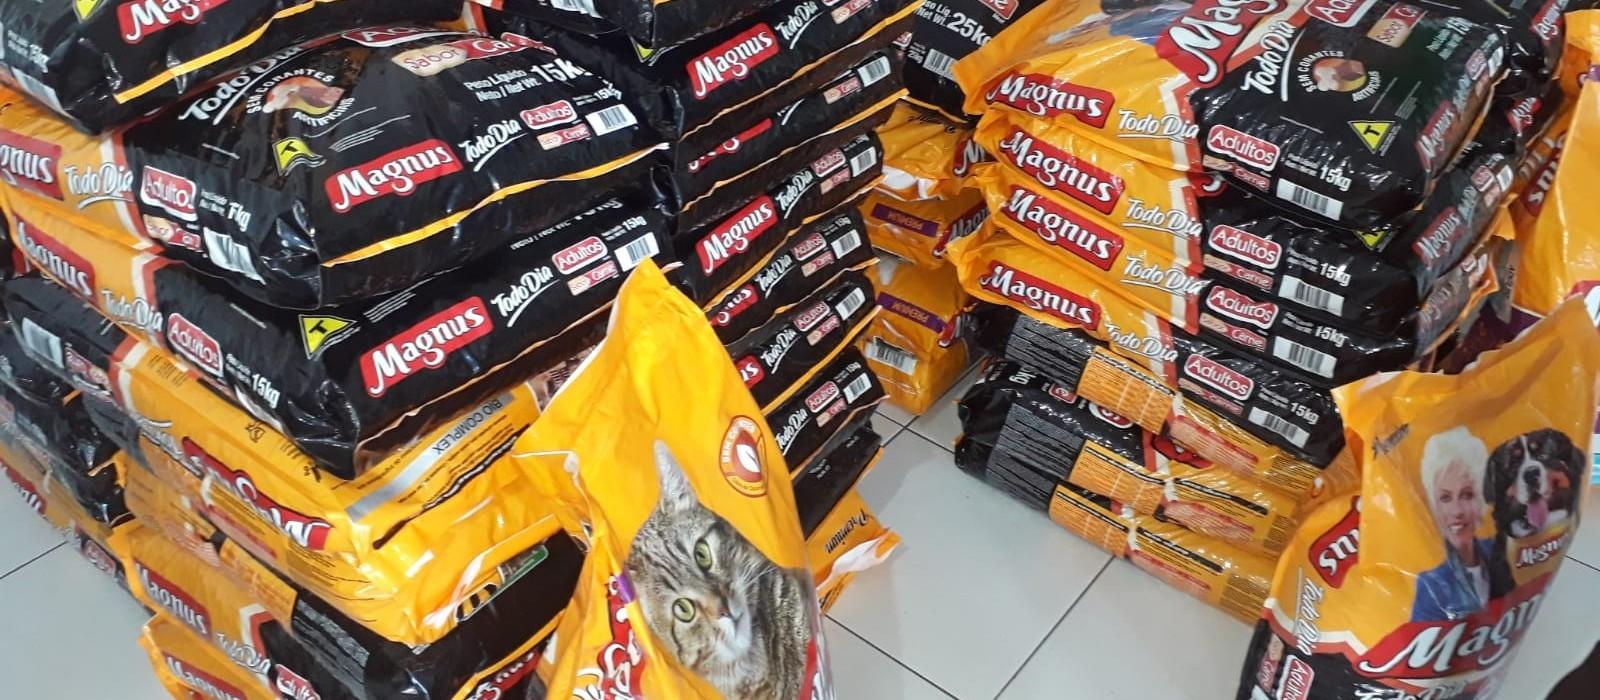 Banco de Ração distribui uma tonelada para ONGs que cuidam de animais